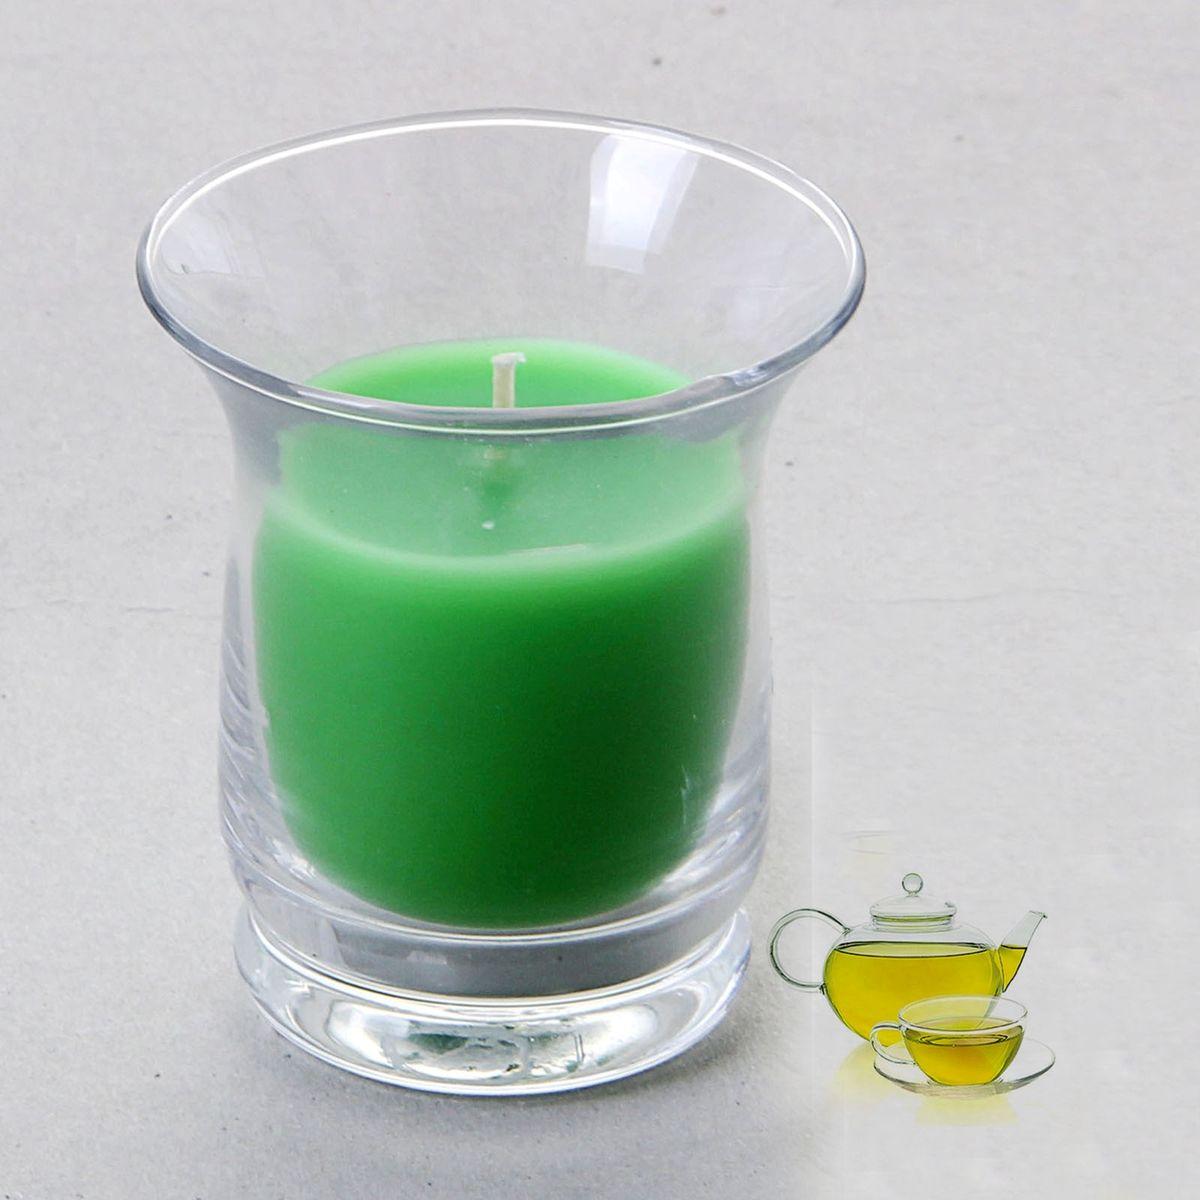 Свеча ароматизированная Sima-land Романтика, с ароматом зеленого чая, цвет: зеленый, высота 7,5 смFS-91909Ароматизированная свеча Sima-land Романтика изготовлена из воска и расположена в стеклянном стакане. Изделие отличается оригинальным дизайном и приятным запоминающимся ароматом.Свеча Sima-land Романтика - это прекрасный выбор для тех, кто хочет сделать запоминающийся презент родным и близким. Она поможет создать атмосферу праздника. Такой подарок запомнится надолго.